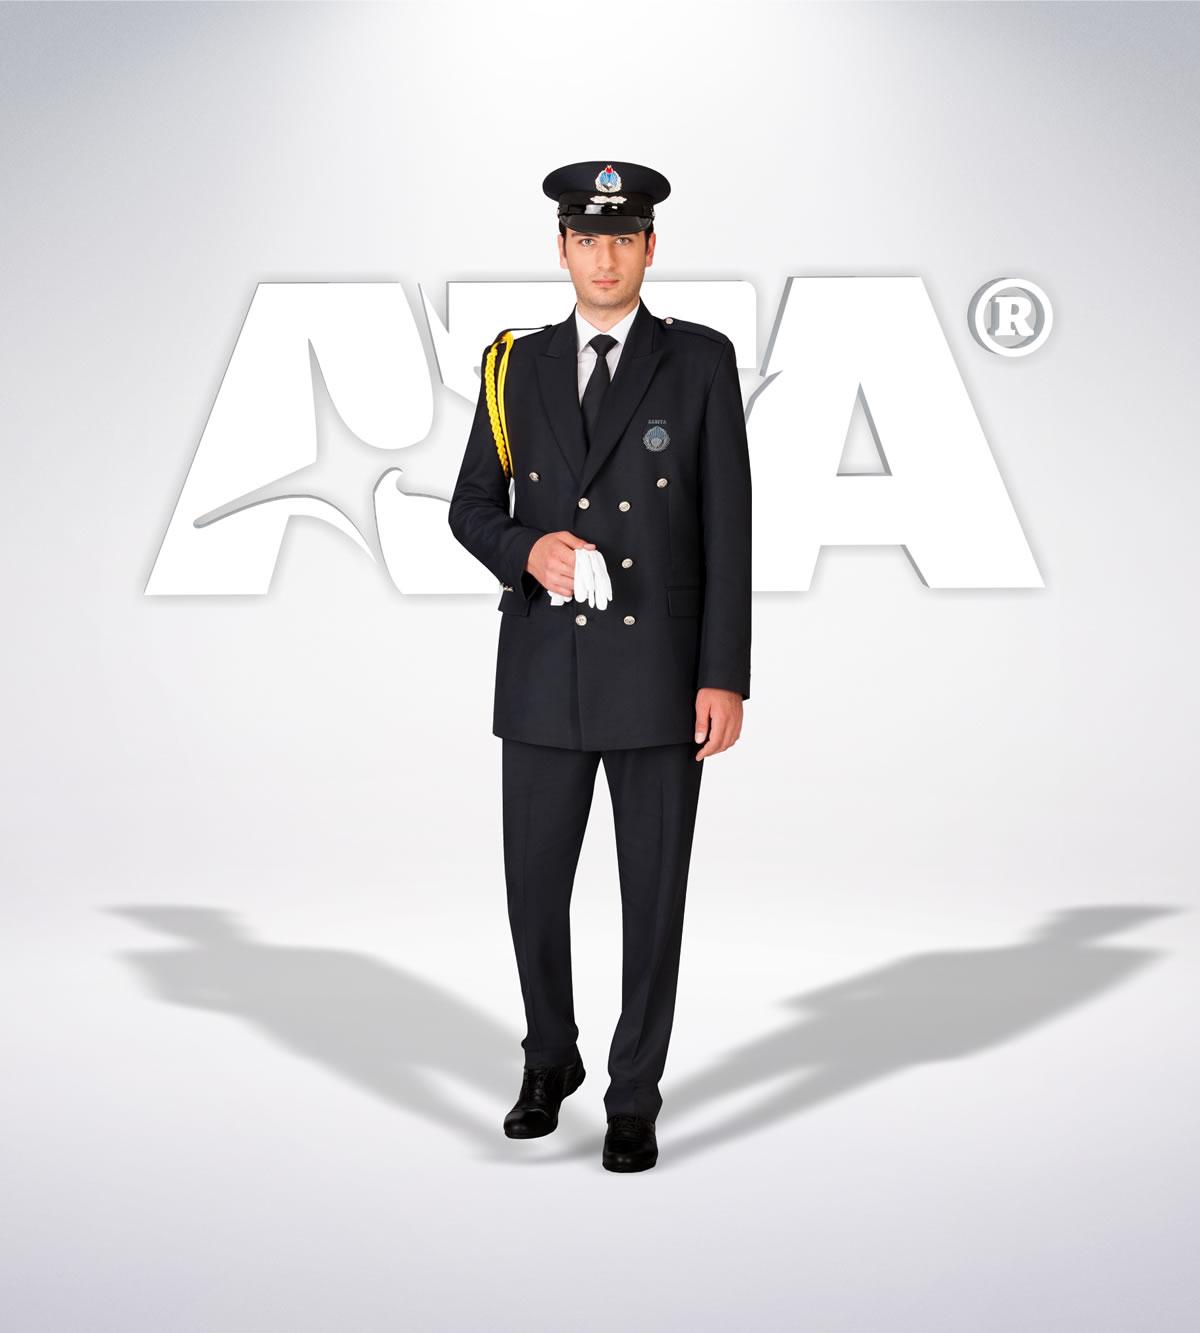 ATA 201 - Zabıta tören takımı - zabıta elbiseleri | zabıta üniformaları | zabıta kıyafetleri